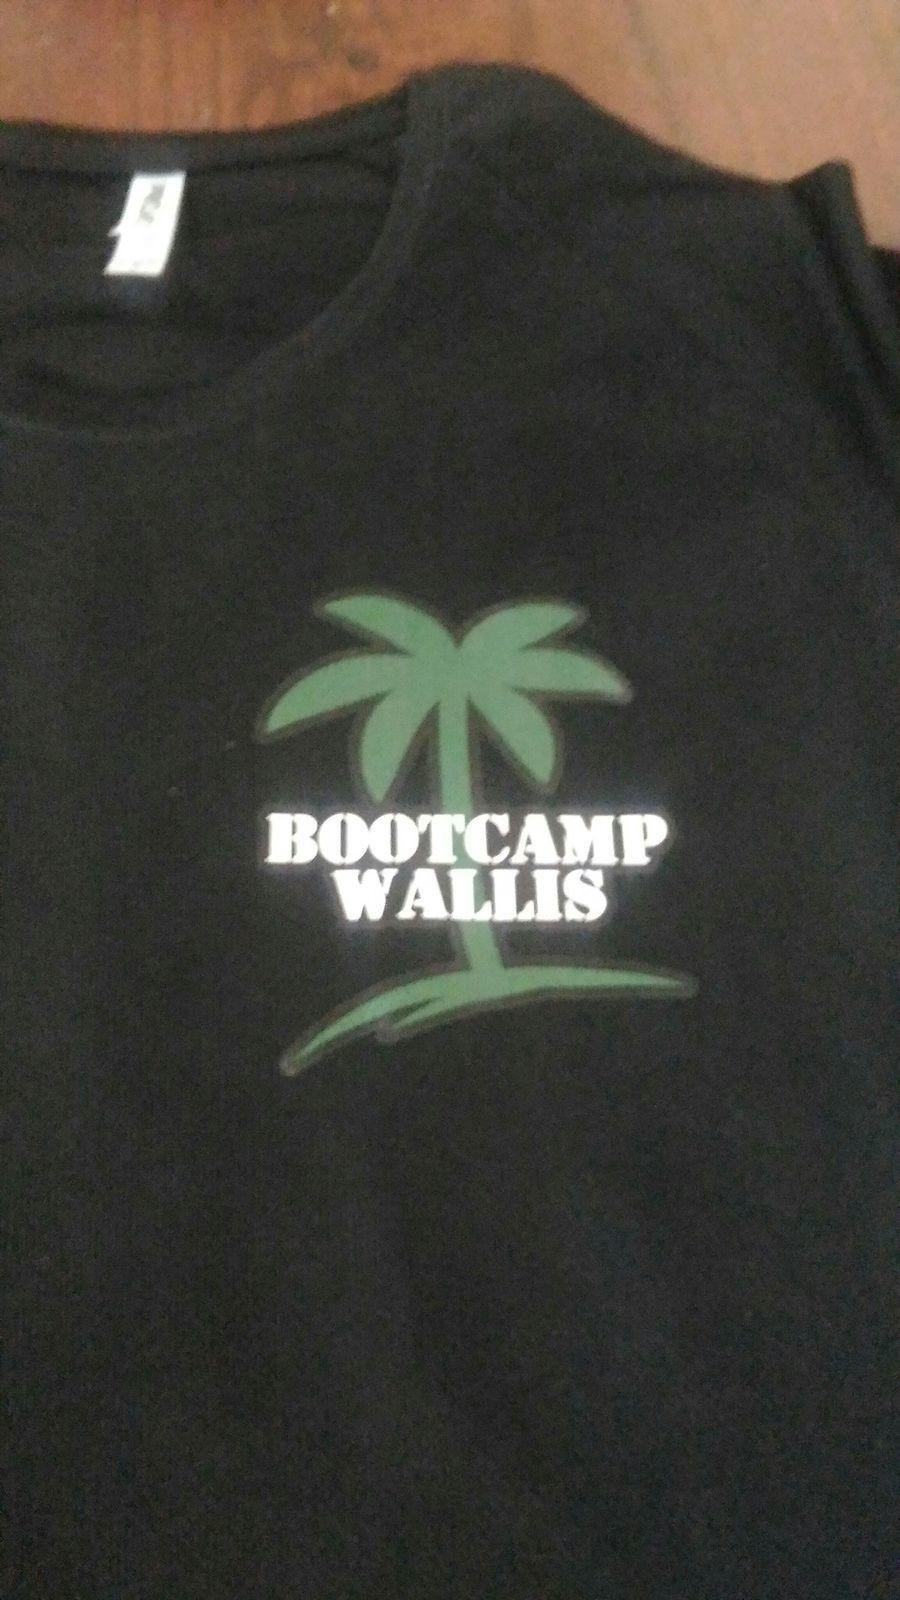 Le Bootcamp, un superbe entraînement pour garder la forme